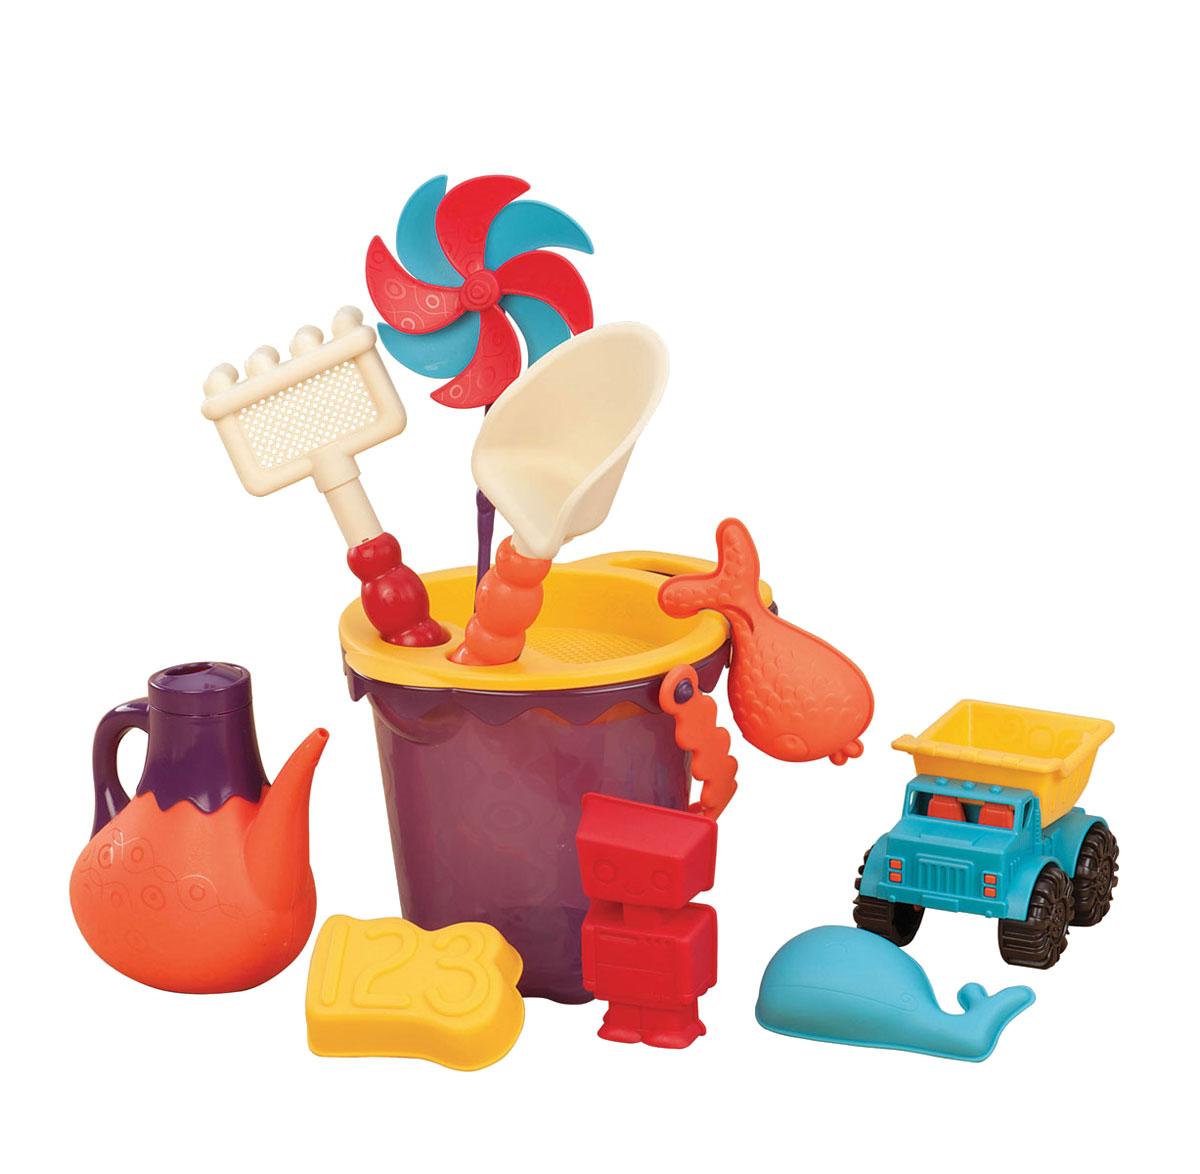 B.Summer Набор для песка Ready Beach Bag цвет красный 12 предметов - Игры на открытом воздухе